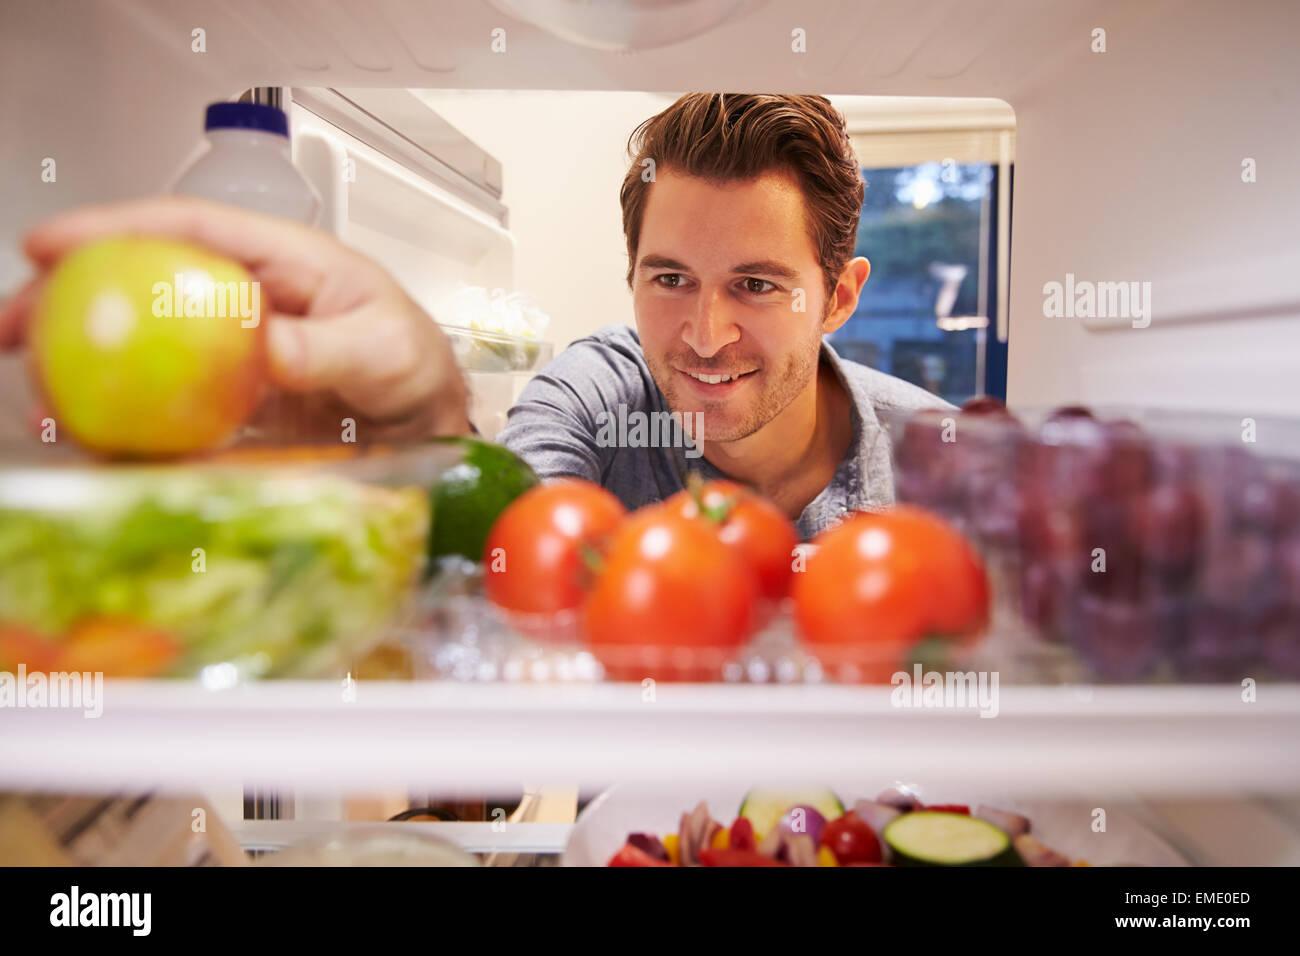 Uomo che guarda all'interno del frigo pieno di cibo e la scelta di Apple Immagini Stock